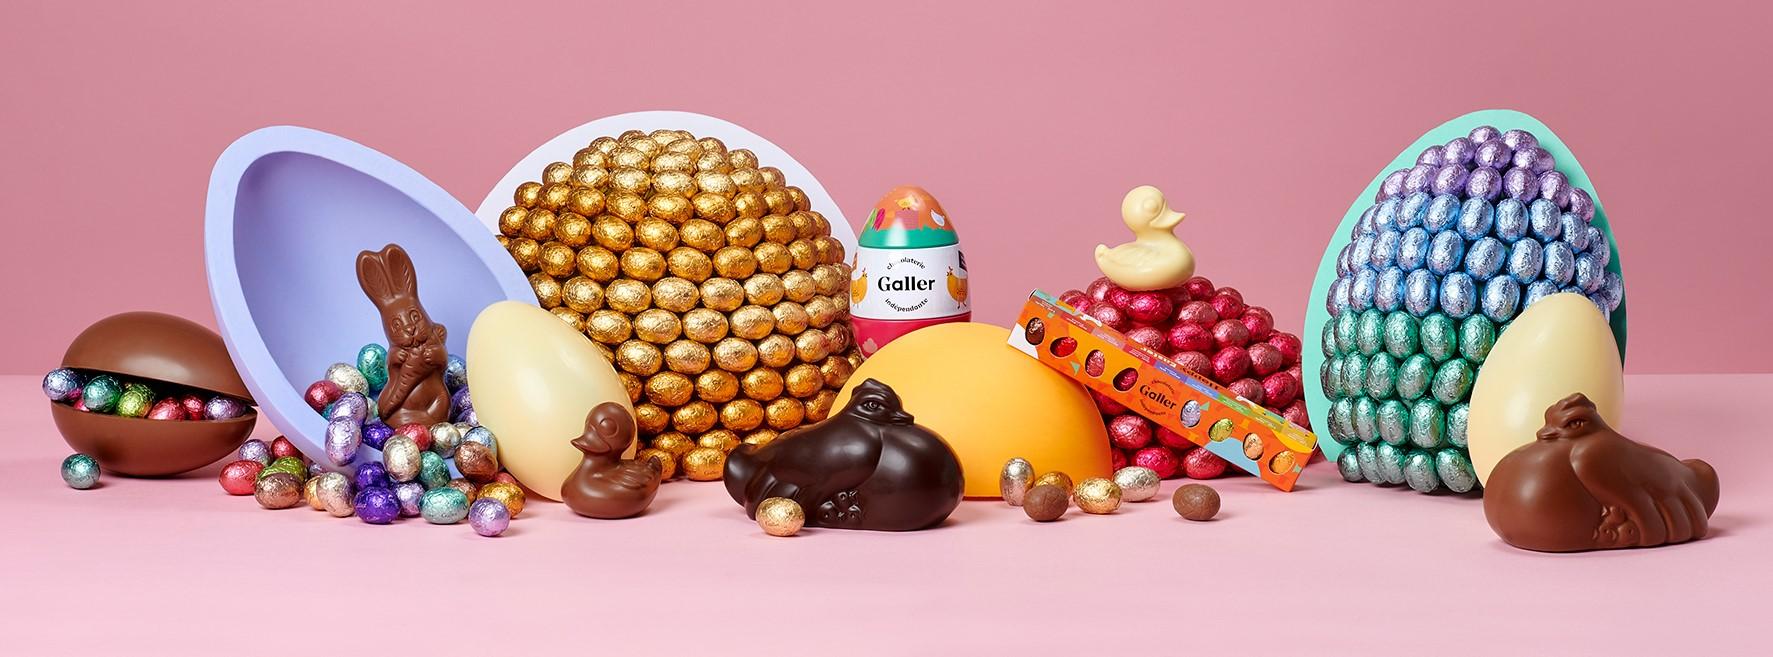 Chocolats de Pâques Galler DR